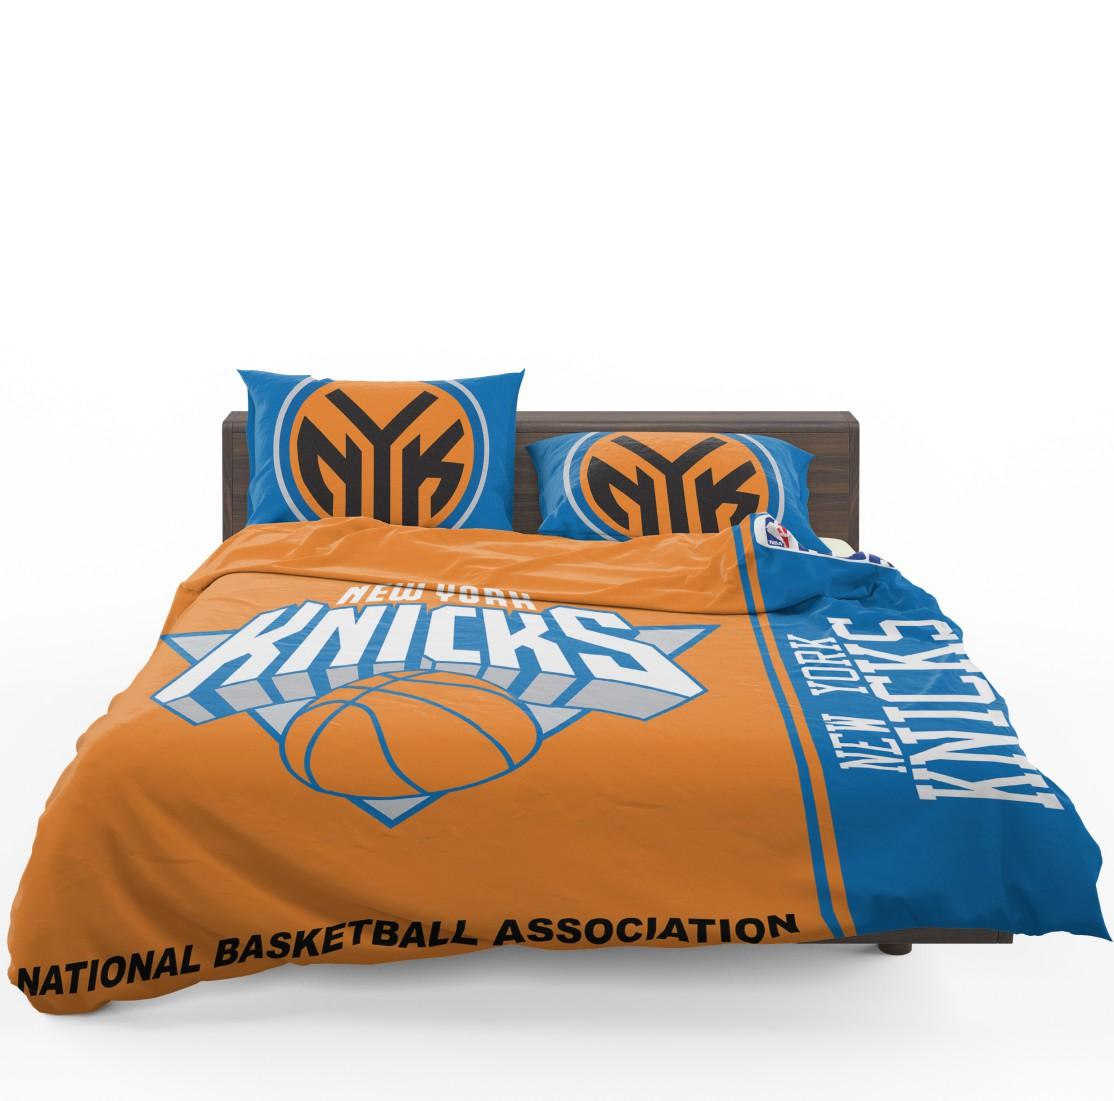 Nba Basketball New York Knicks: New York Knicks NBA Basketball Bedding Set